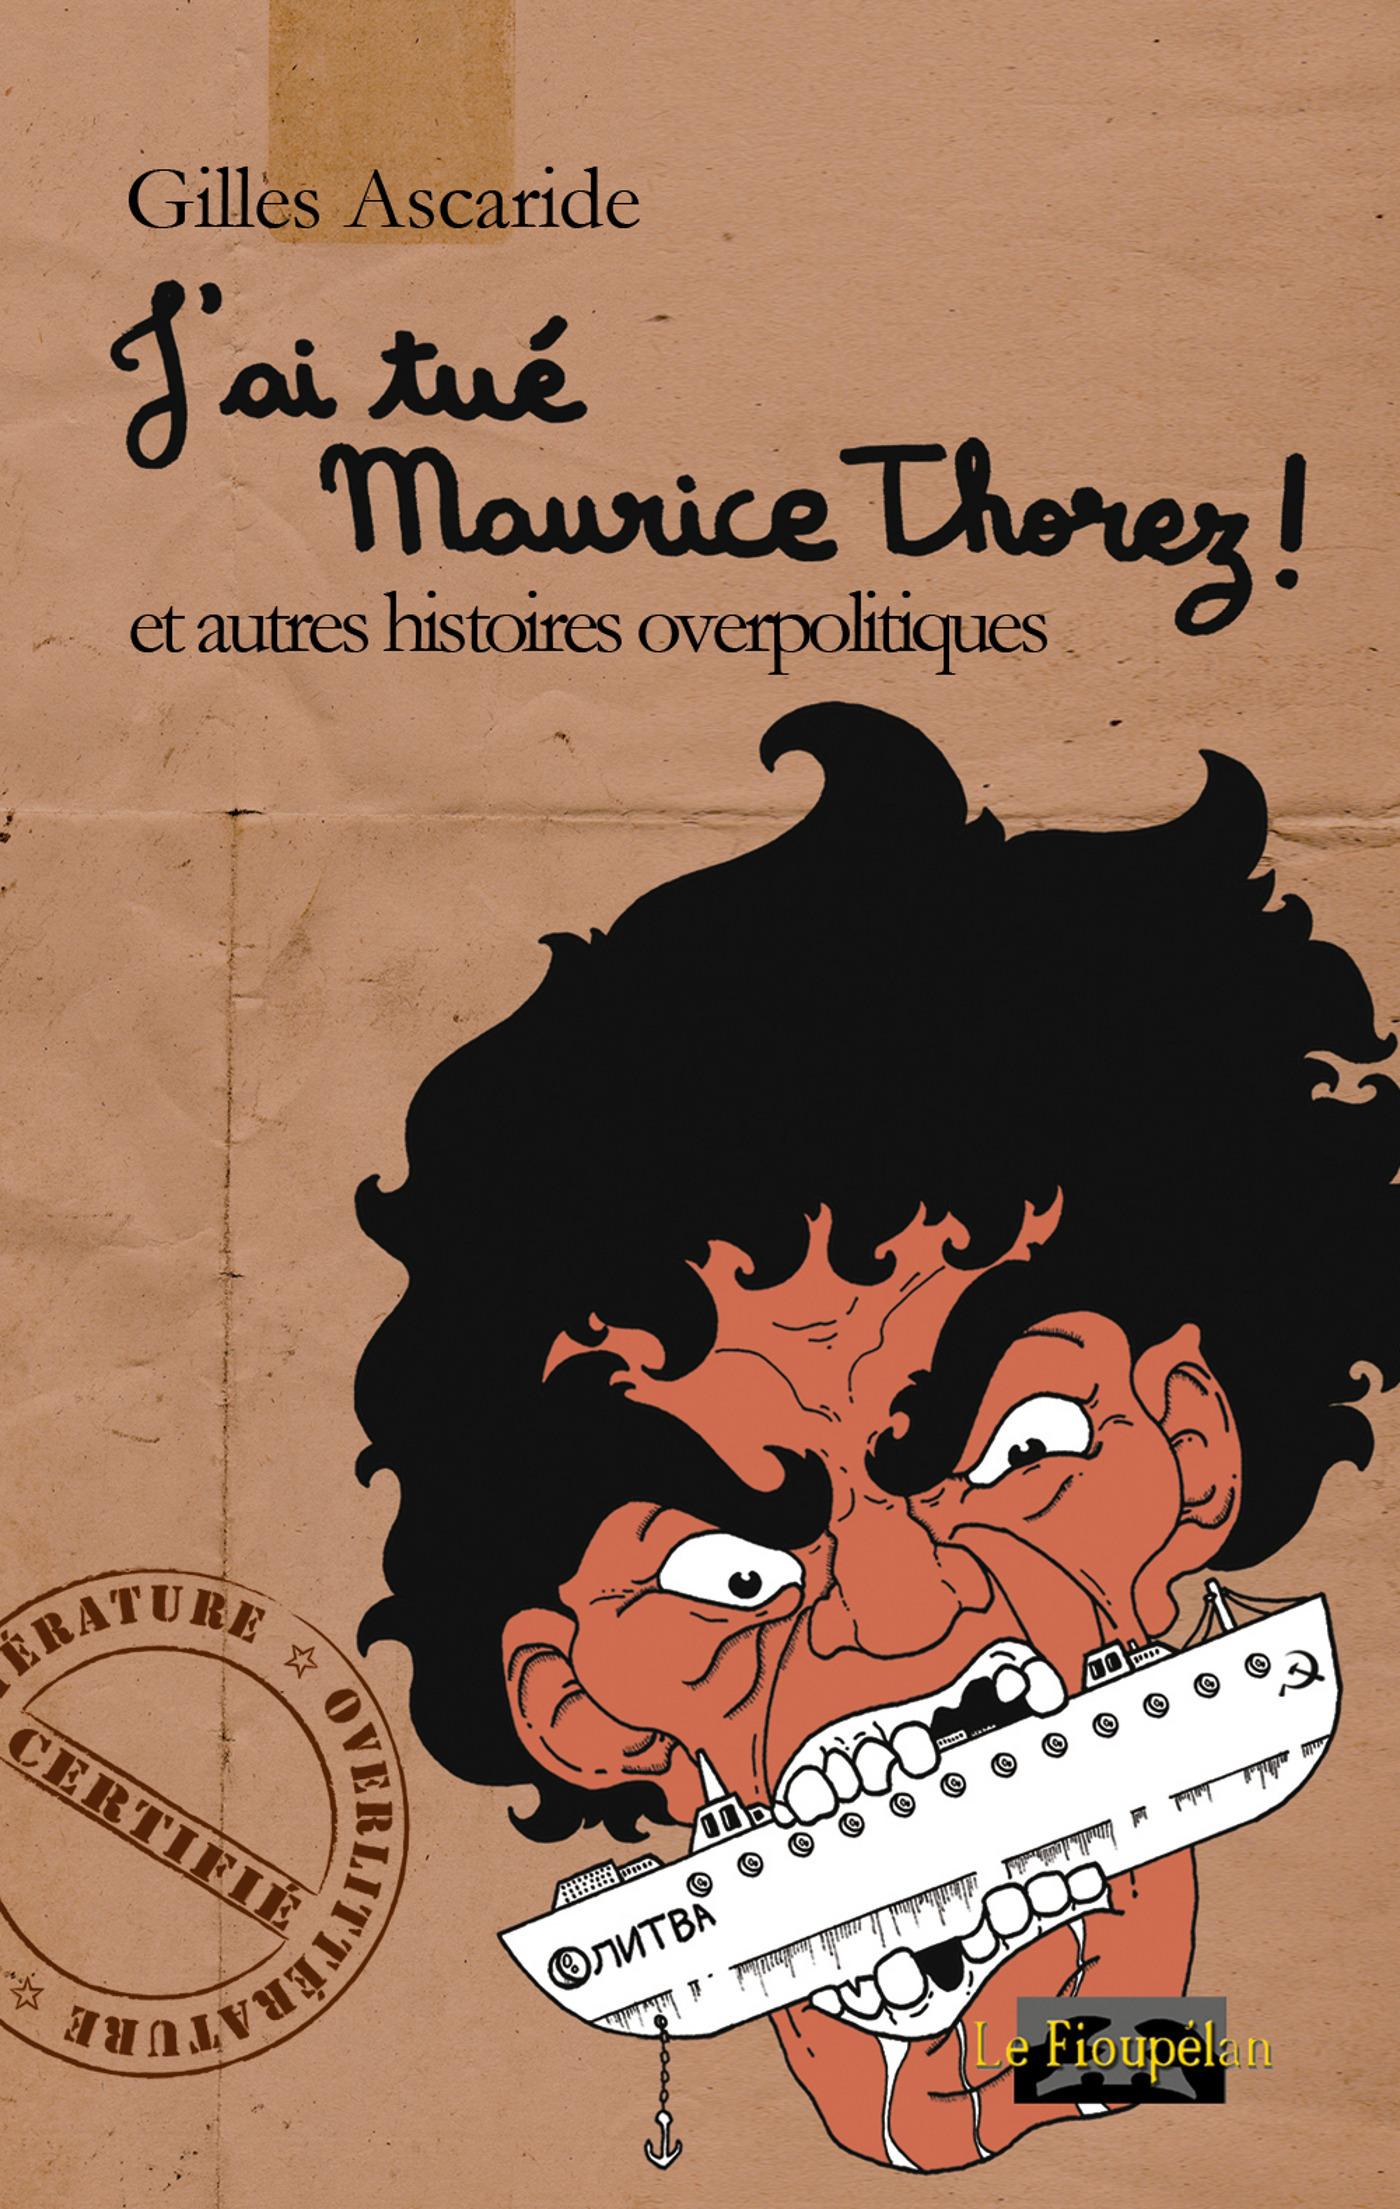 J'ai tué Maurice Thorez